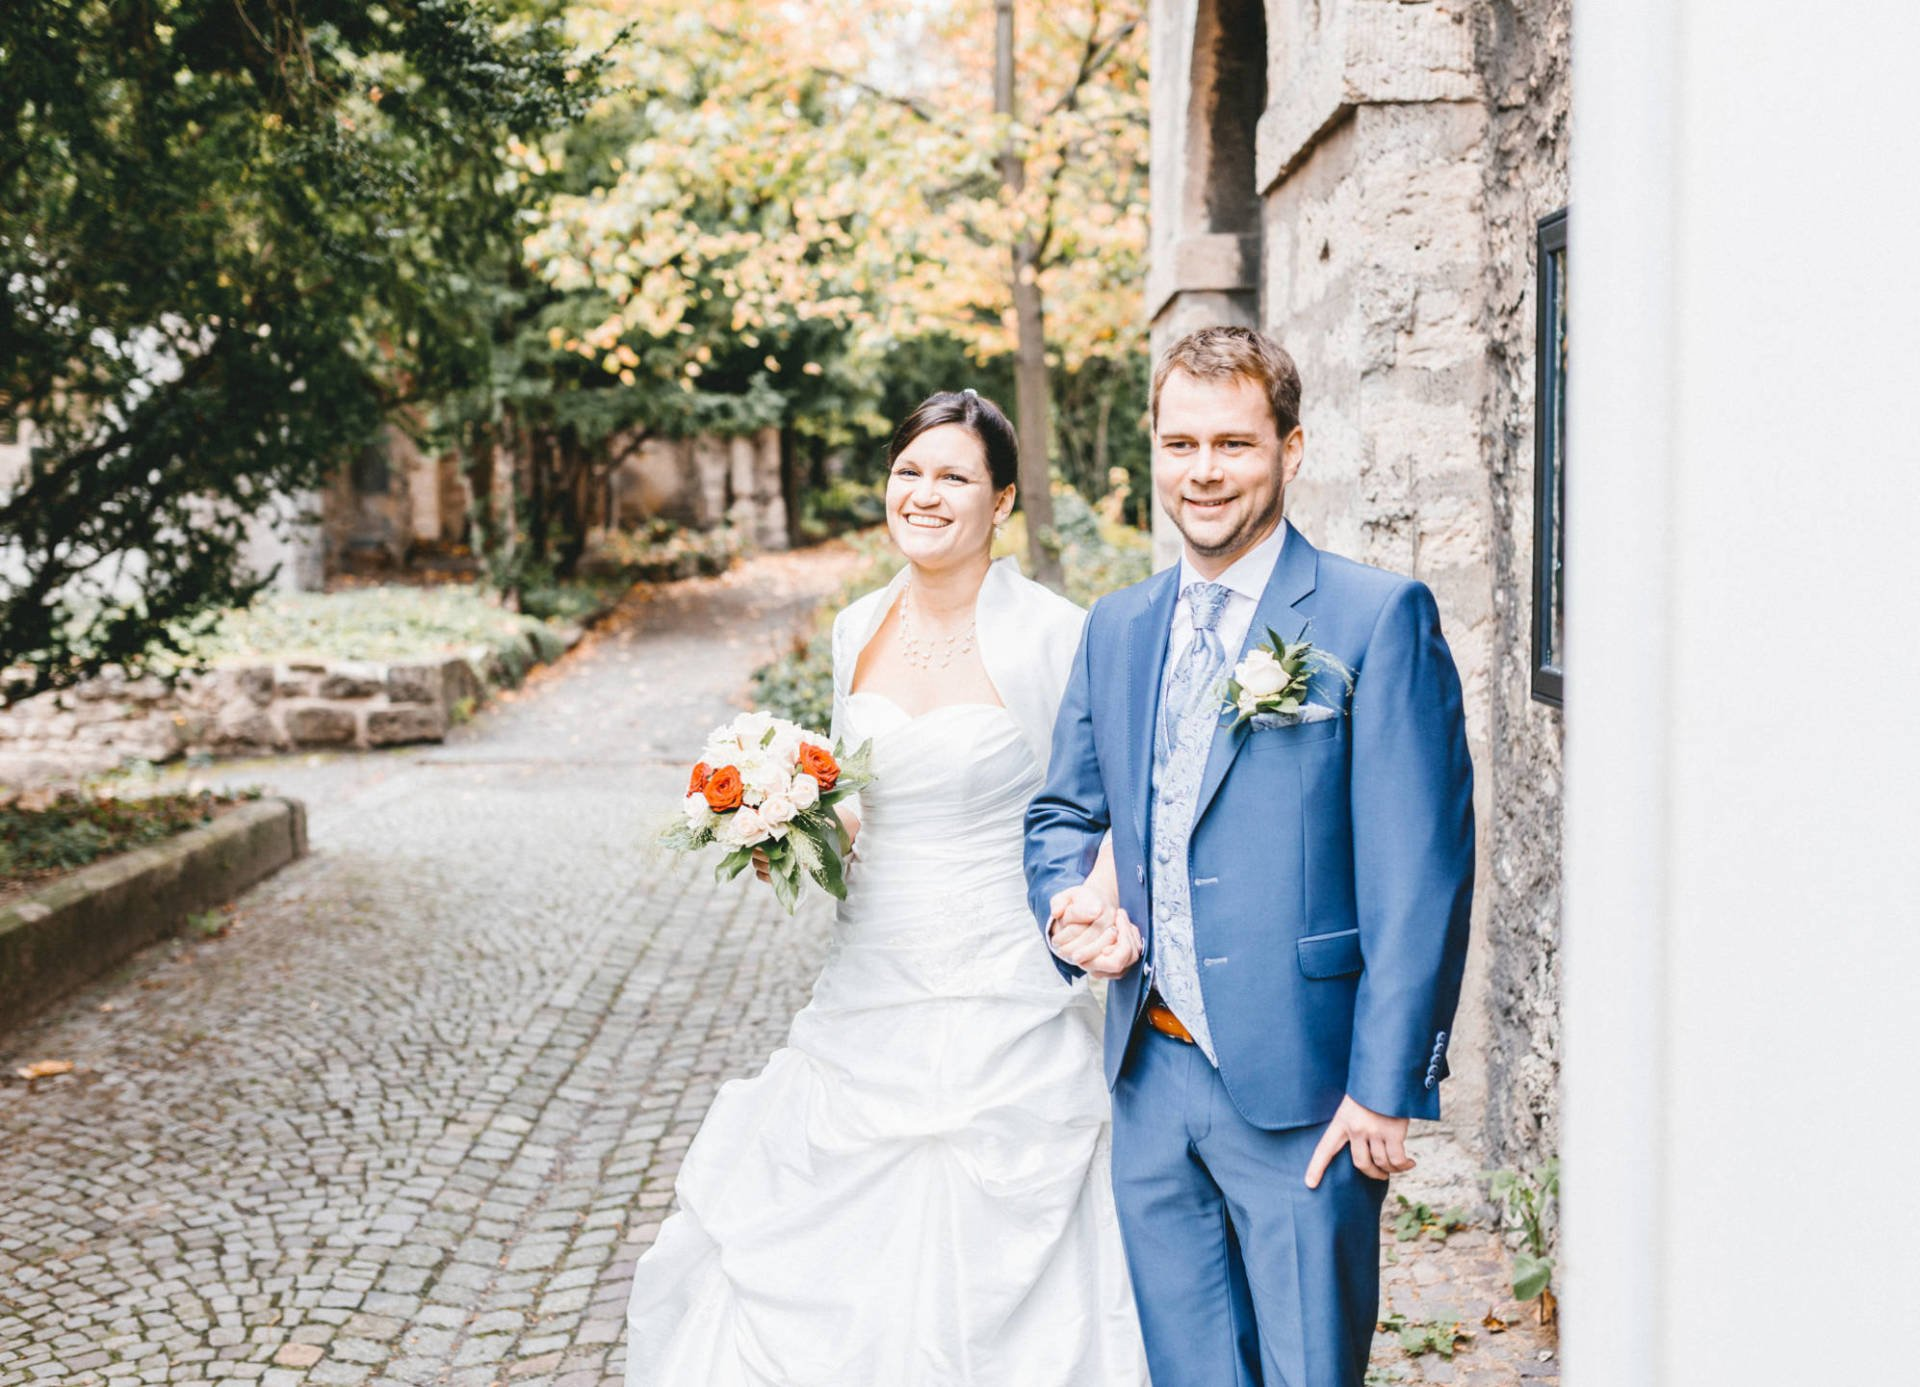 Hochzeitsreportage | Hochzeit im Paradies Jena | 26